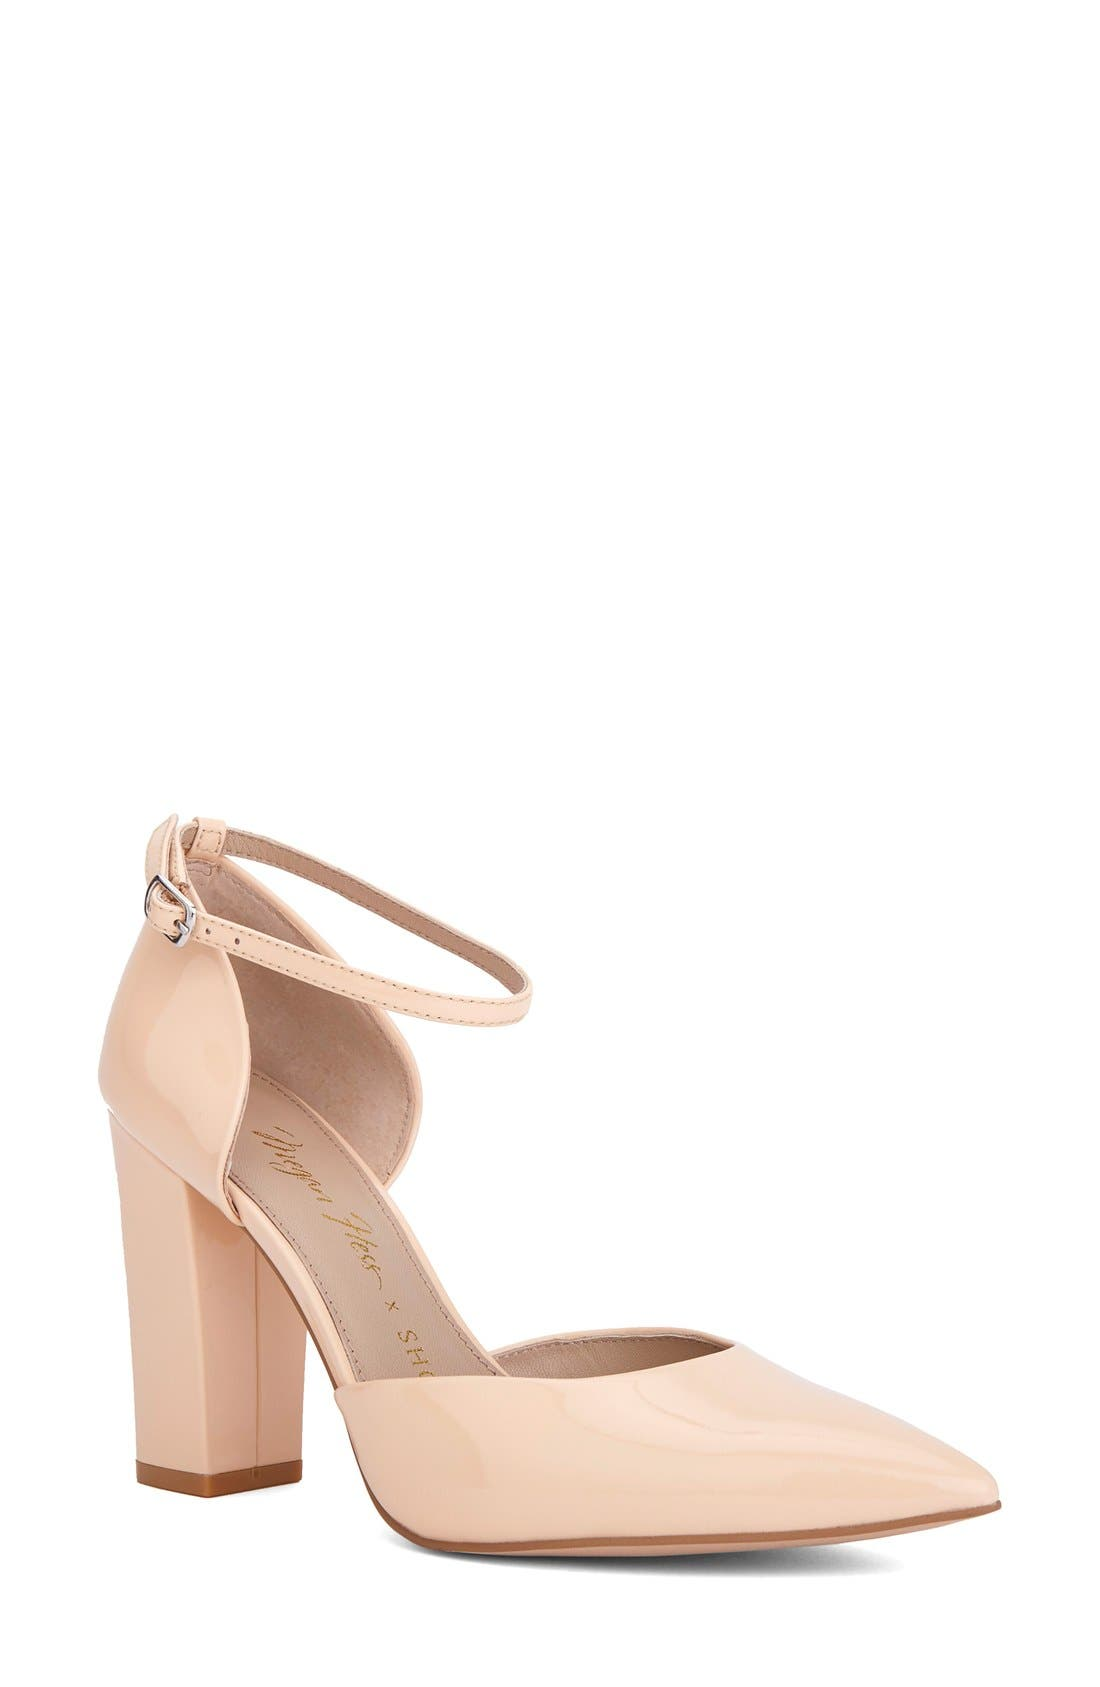 Main Image - Shoes of Prey x Megan Hess Fleur-de-lis Collection Pump (Women)